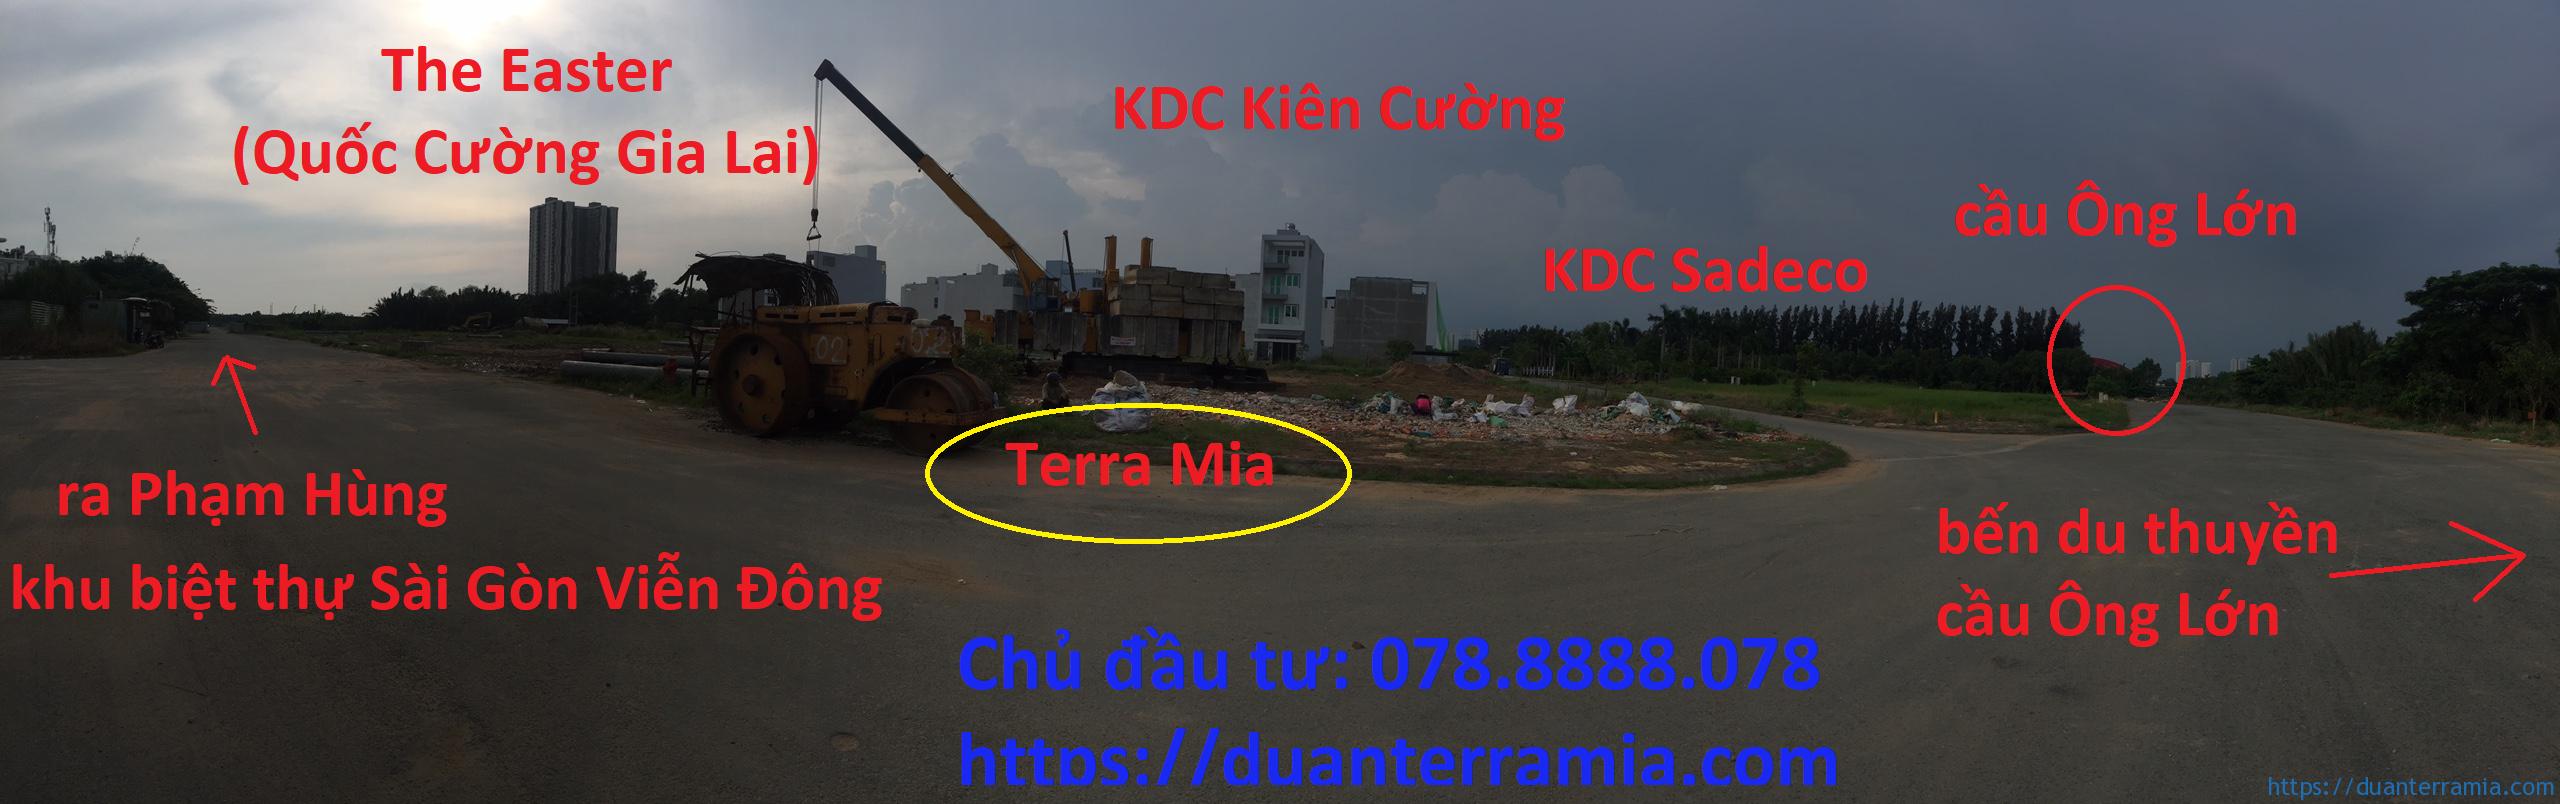 Các khu dân cư xung quanh Terra Mia Nam Sài Gòn